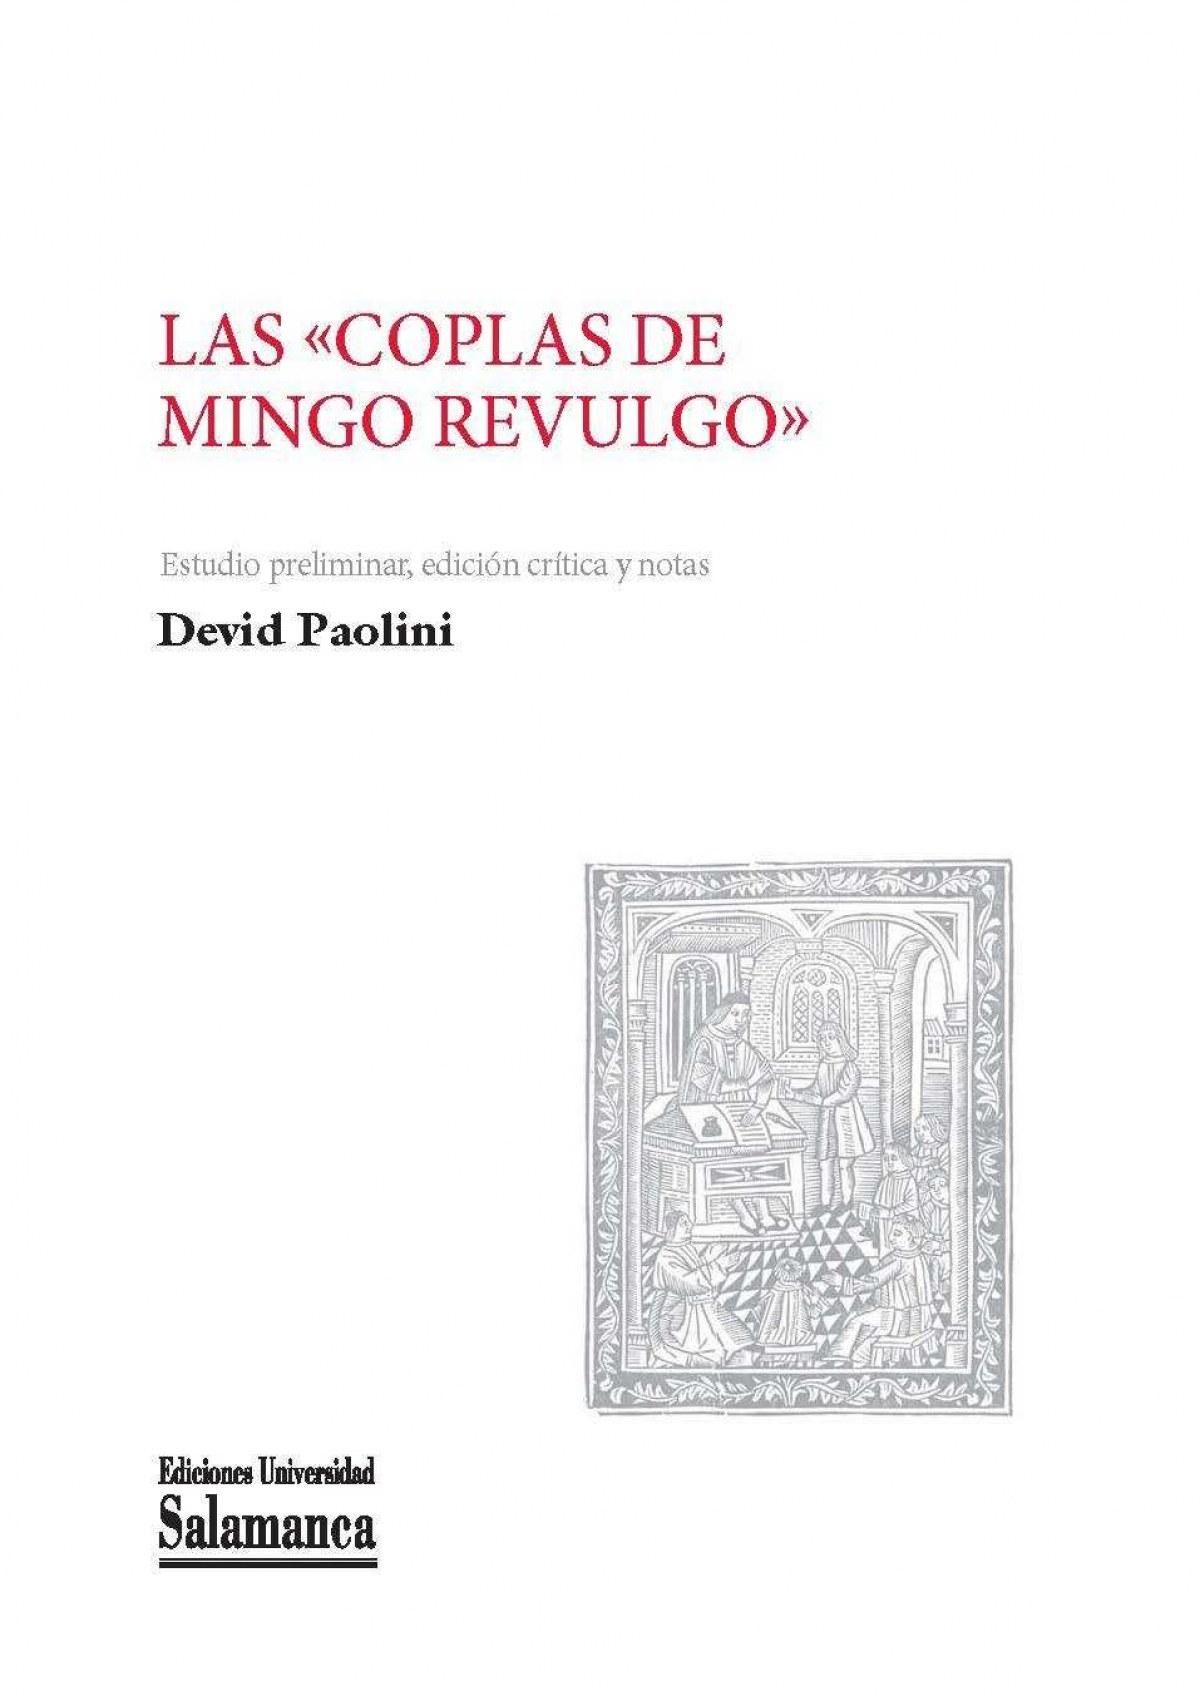 Las coplas de Mingo Revulgo